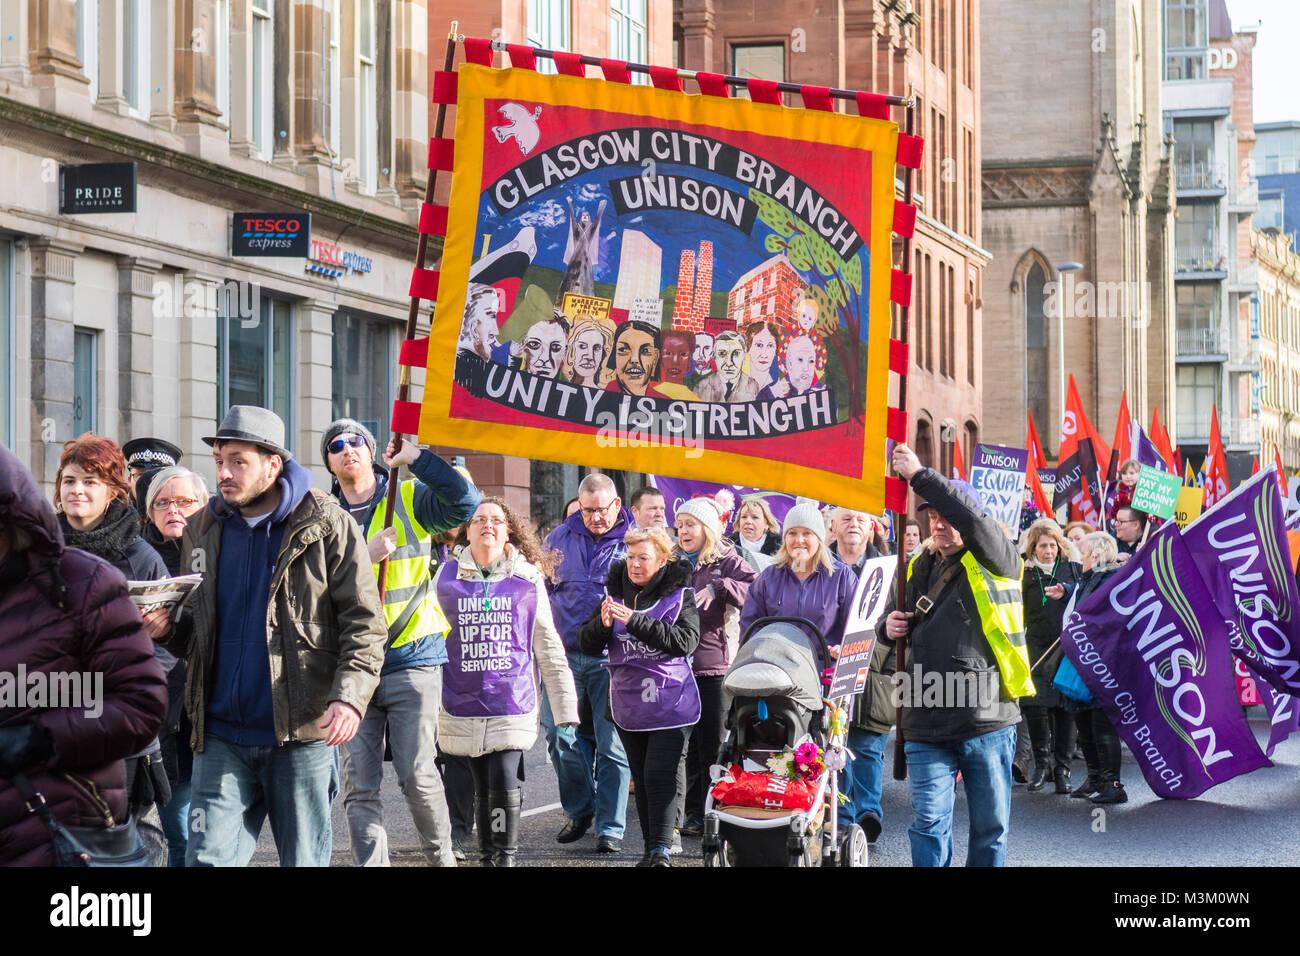 L'égalité de rémunération et de démonstration mars à Glasgow, Ecosse 10 Février Photo Stock